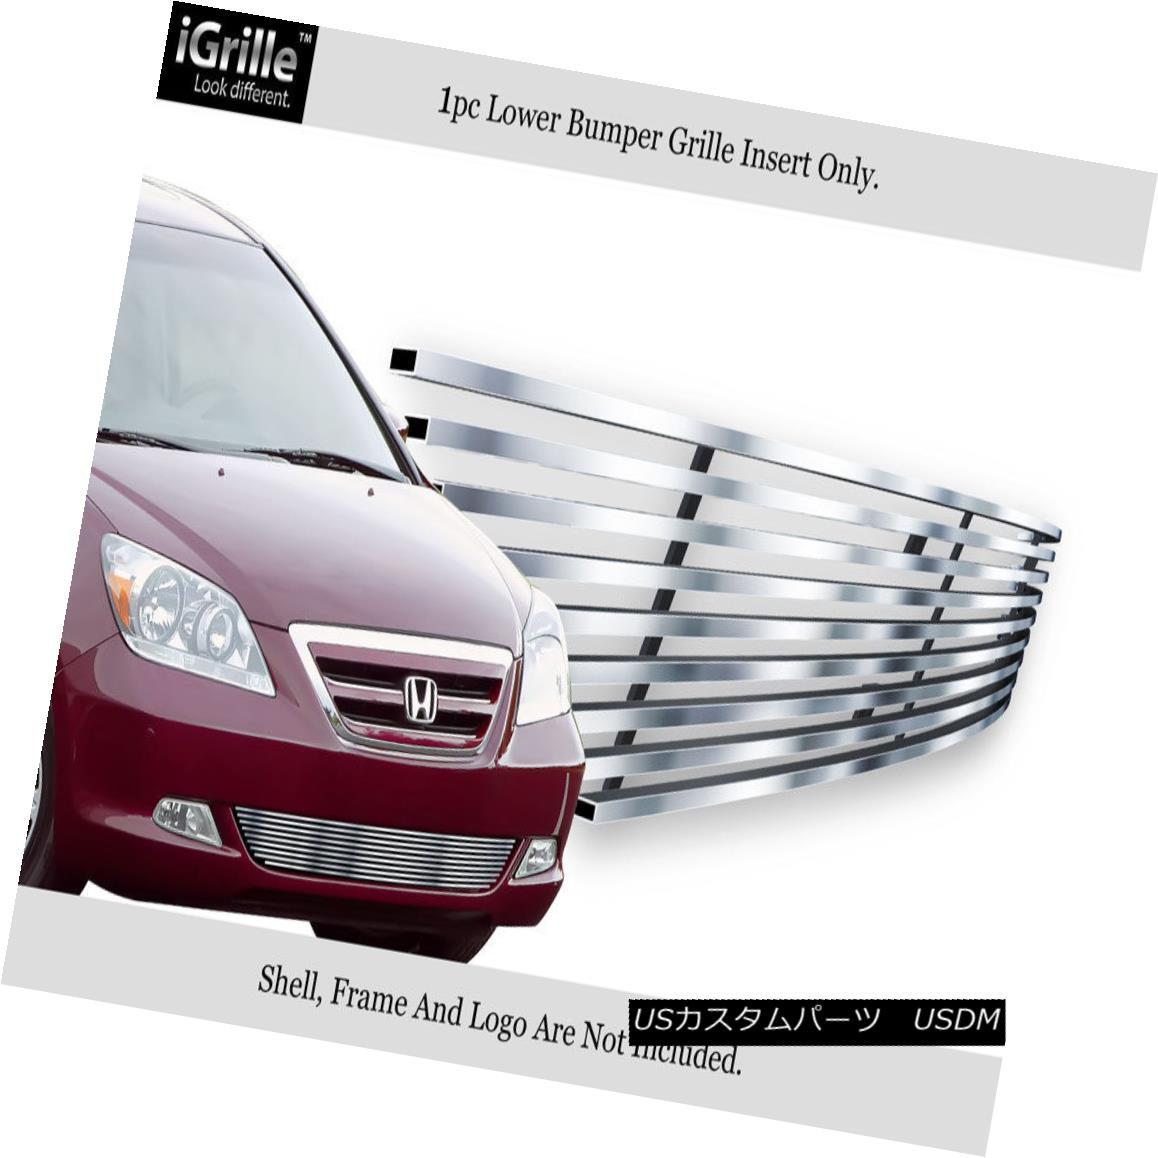 グリル Fits 2005-2007 Honda Odyssey Bumper Stainless Steel Billet Grille Insert 2005-2007ホンダオデッセイバンパーステンレス鋼ビレットグリルインサートに適合